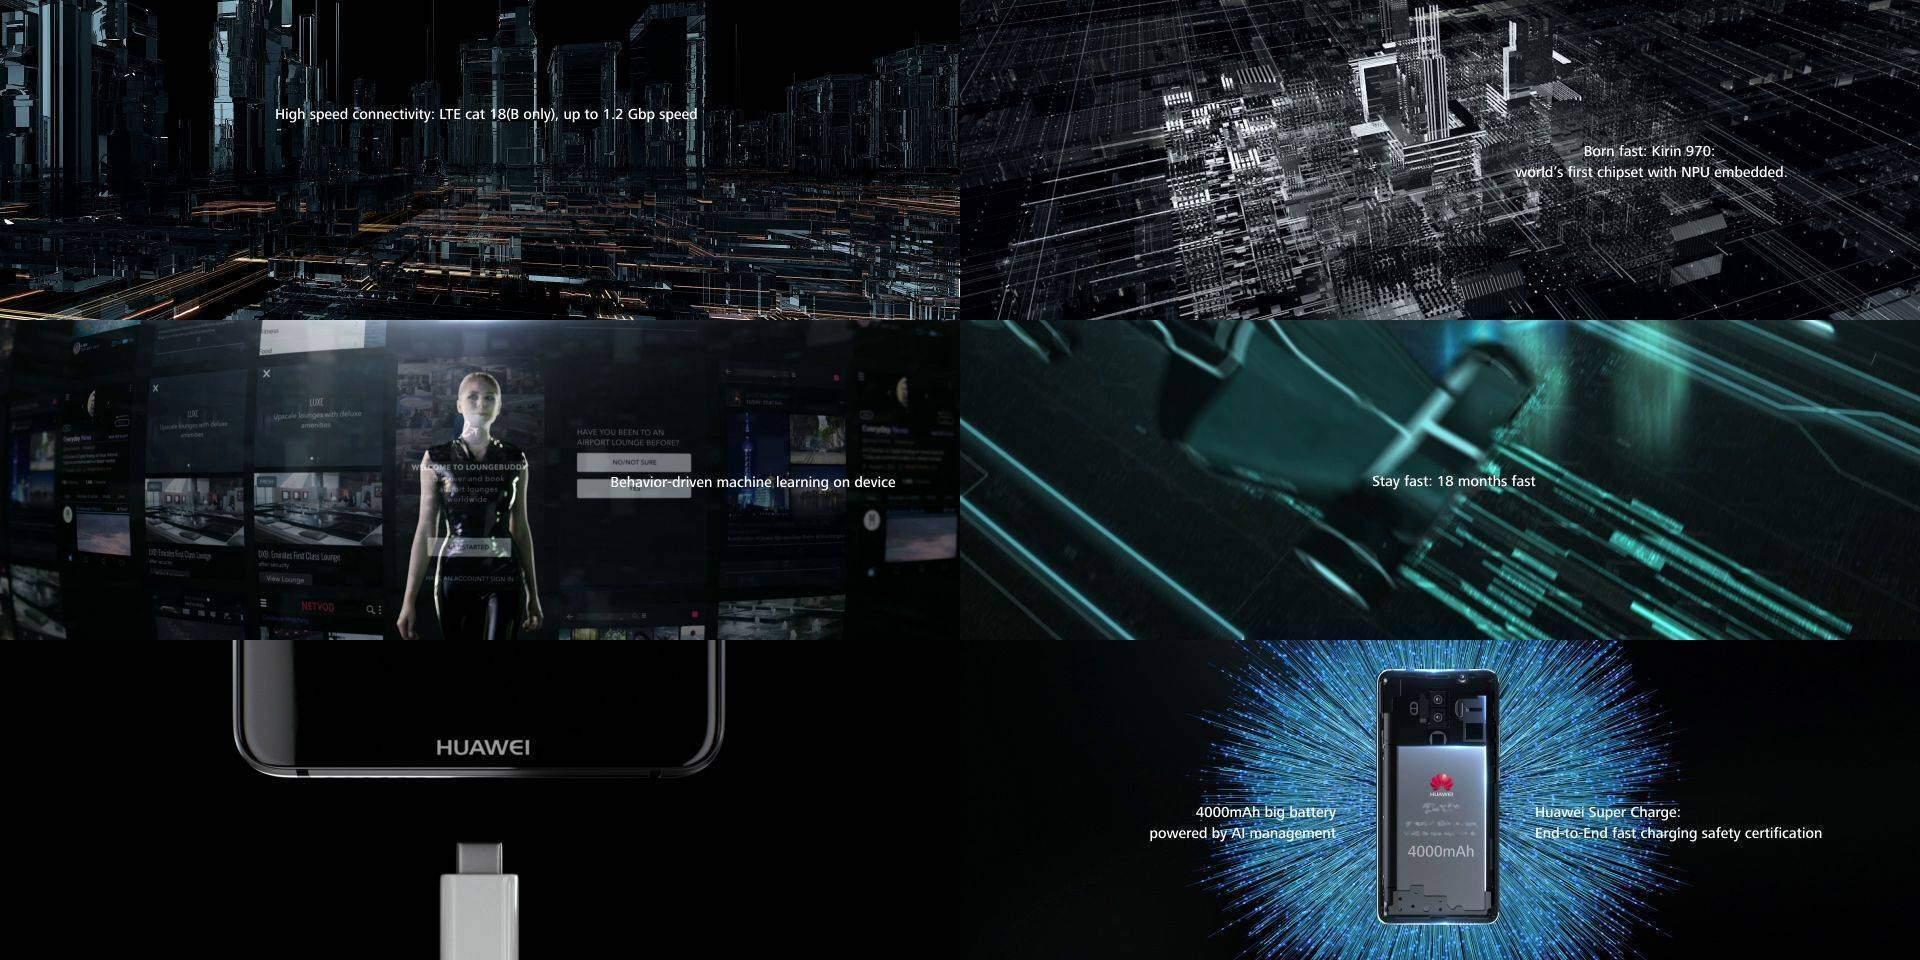 Huawei Mate 10, sarà lo smartphone rivoluzionario con intelligenza artificiale